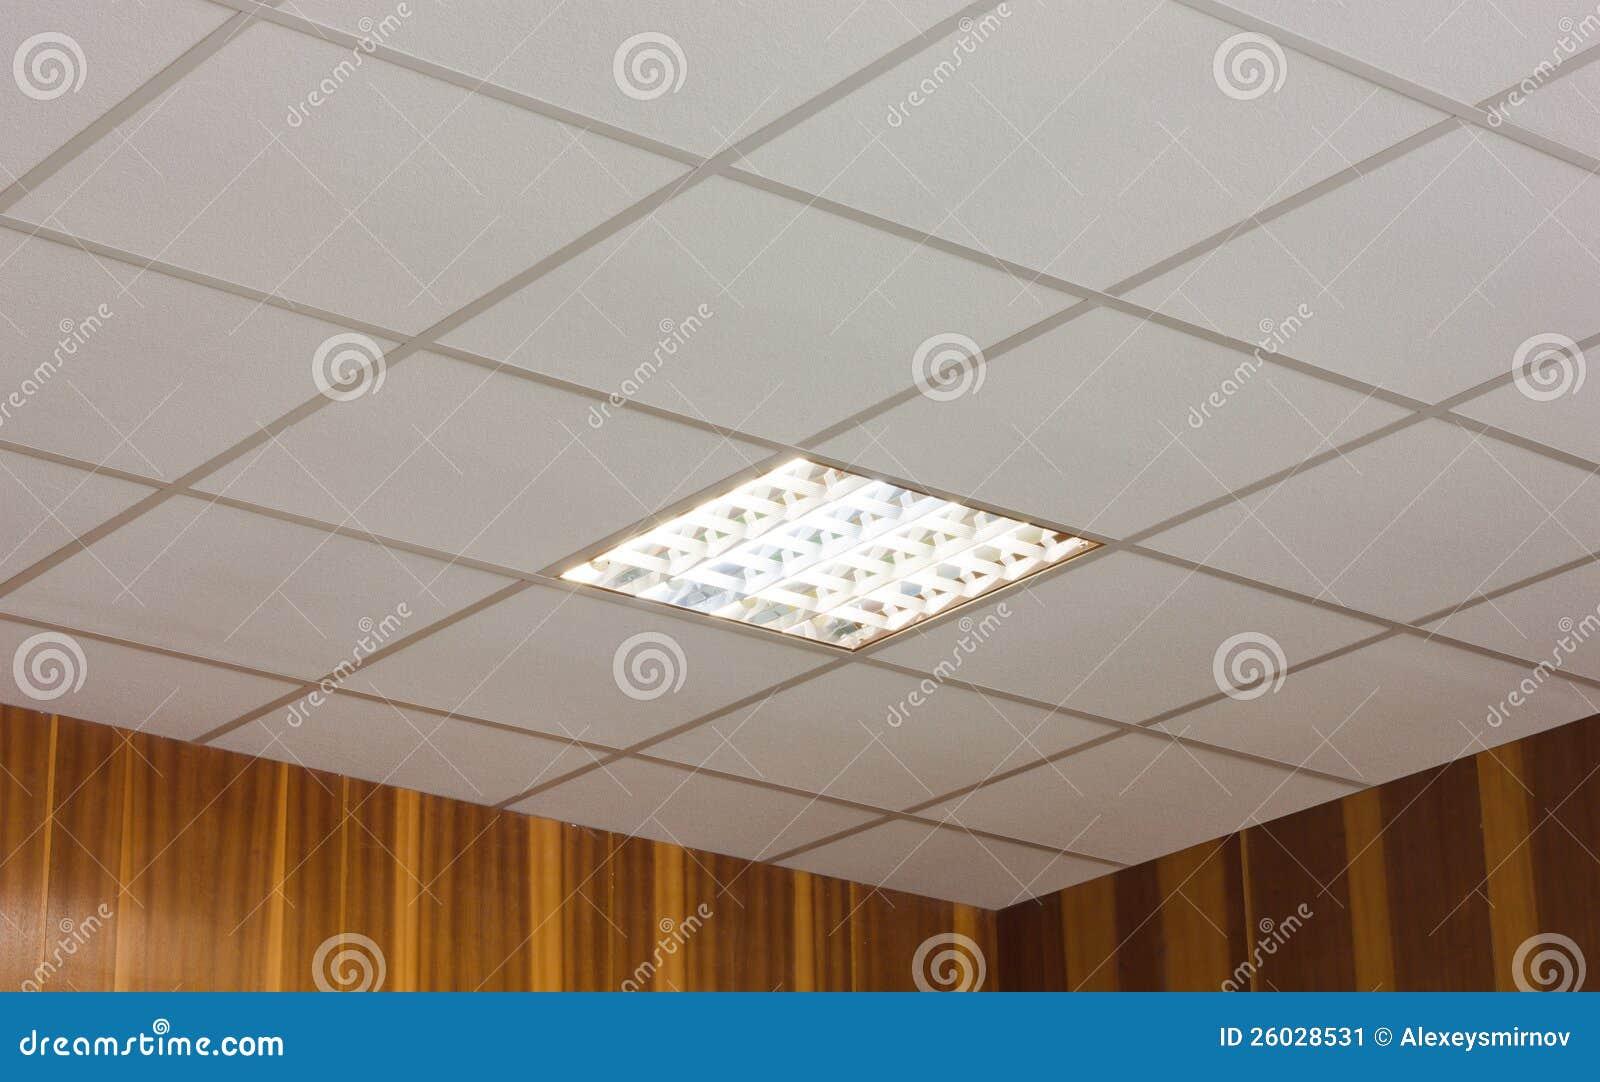 Techo de la oficina con la l mpara fluorescente - Lamparas de oficina techo ...